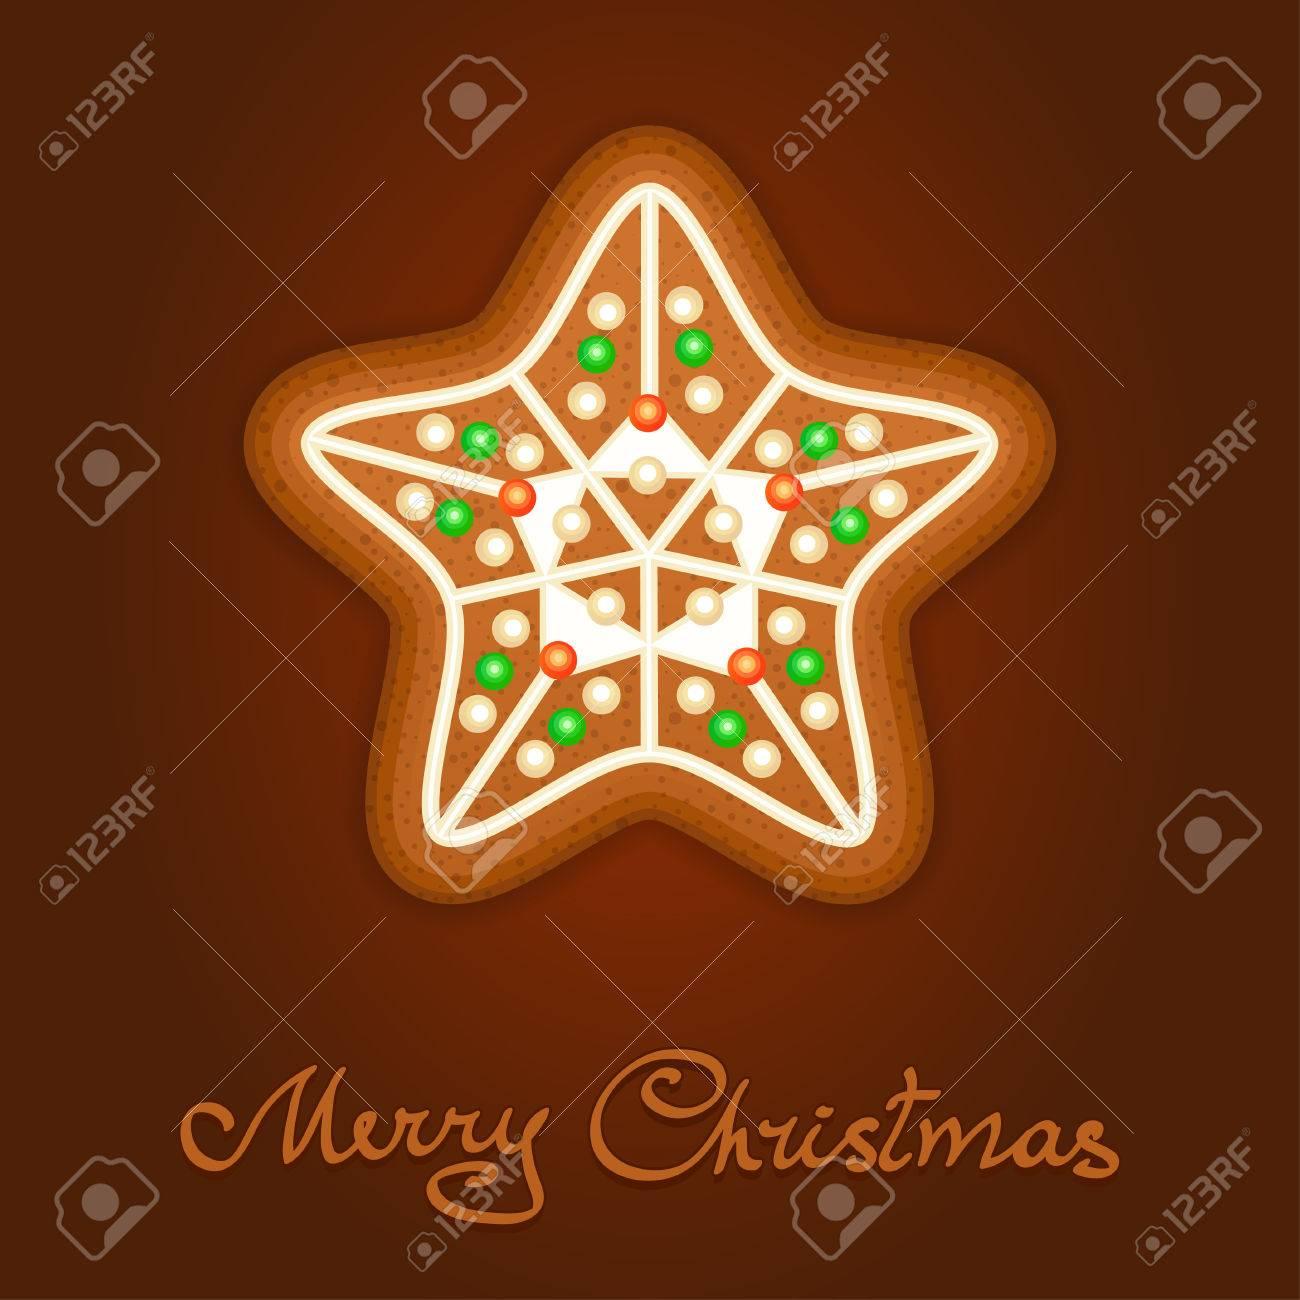 Estrella De Navidad De Pan De Jengibre Decorado Formación De Hielo Fiesta De La Galleta En Forma De Estrella De Navidad Para La Navidad Vacaciones